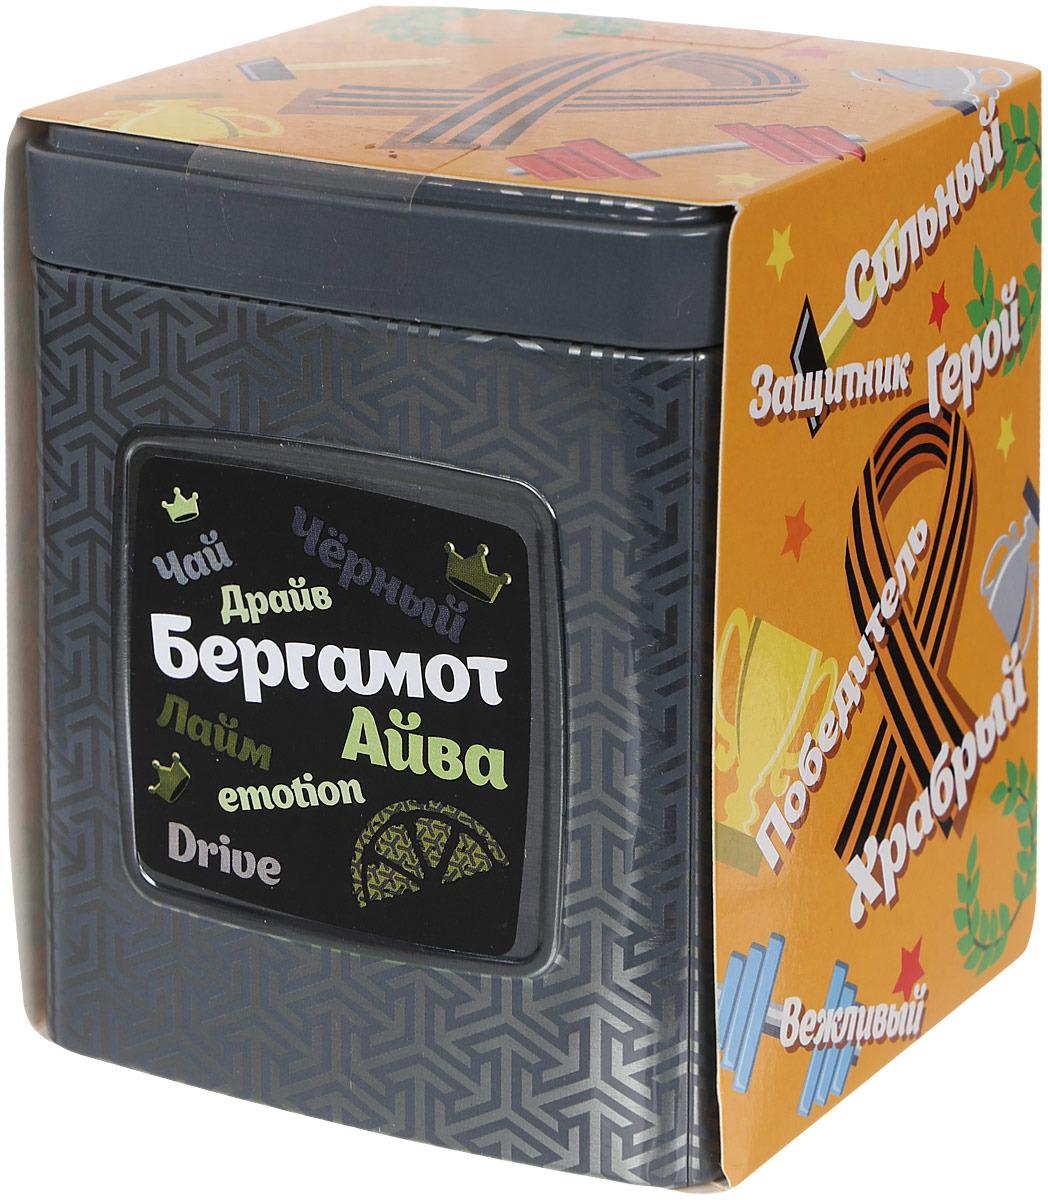 Чай черный листовой Мастер Тим Драйв, с бергамотом, 100 г чай черный байховый бонтон крепкий цейлонский крупнолистовой 726 с ароматом бергамота 100 г